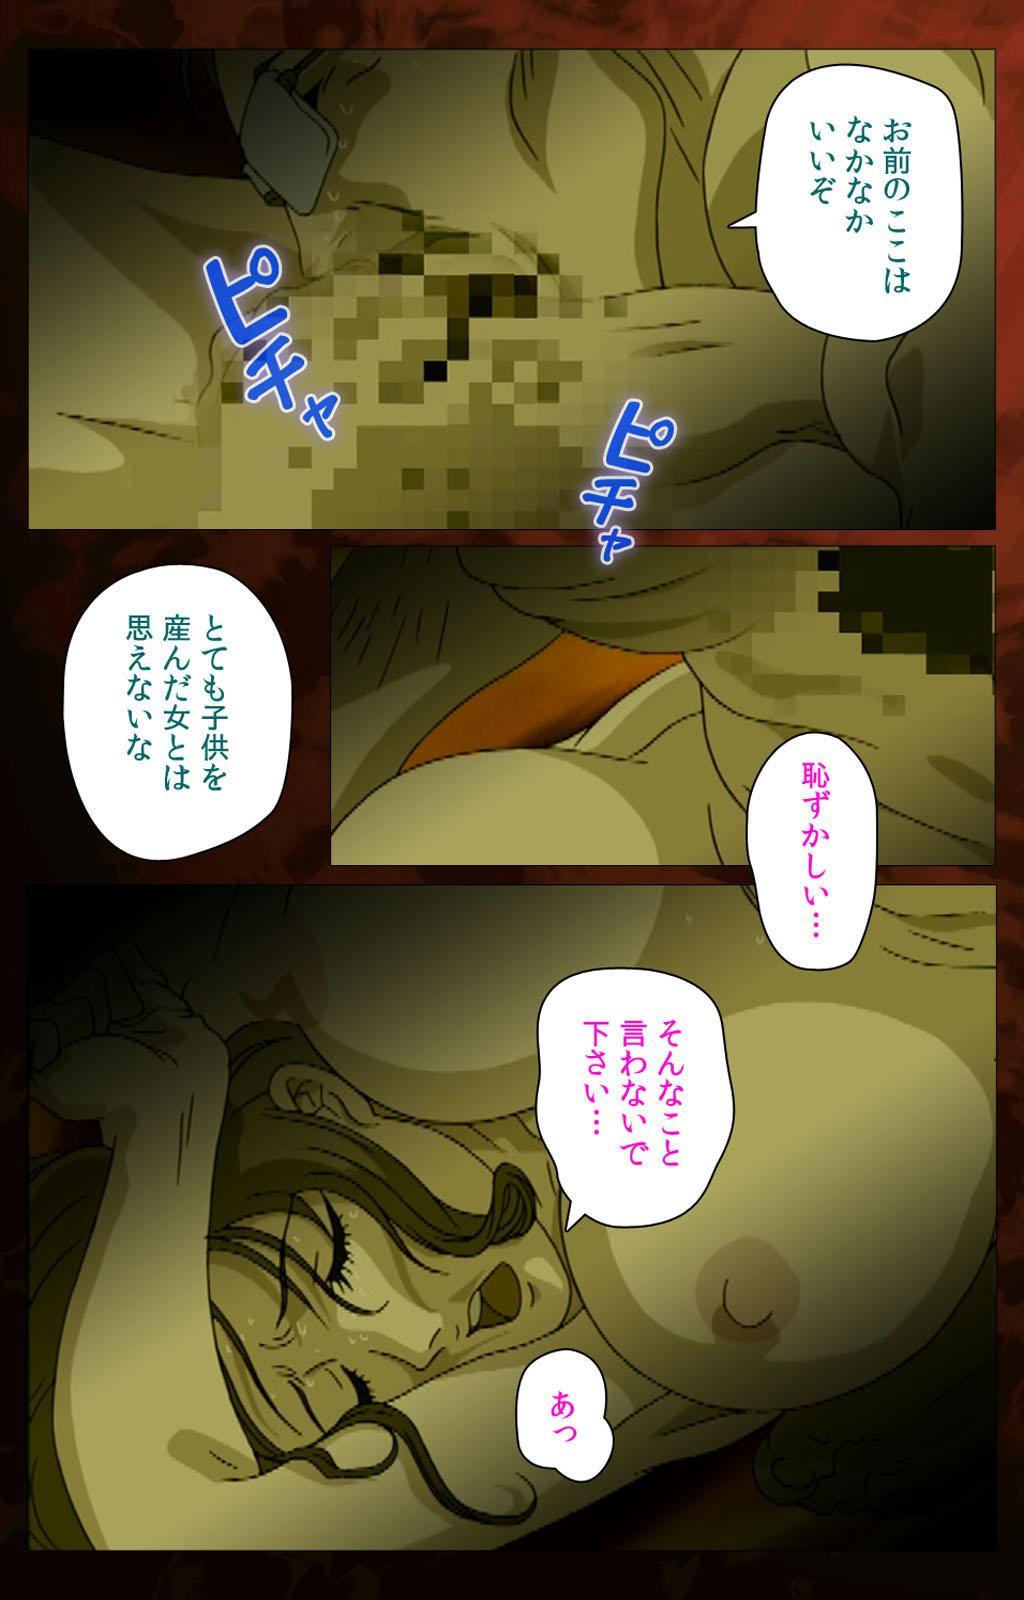 Gibo kanzenhan 15